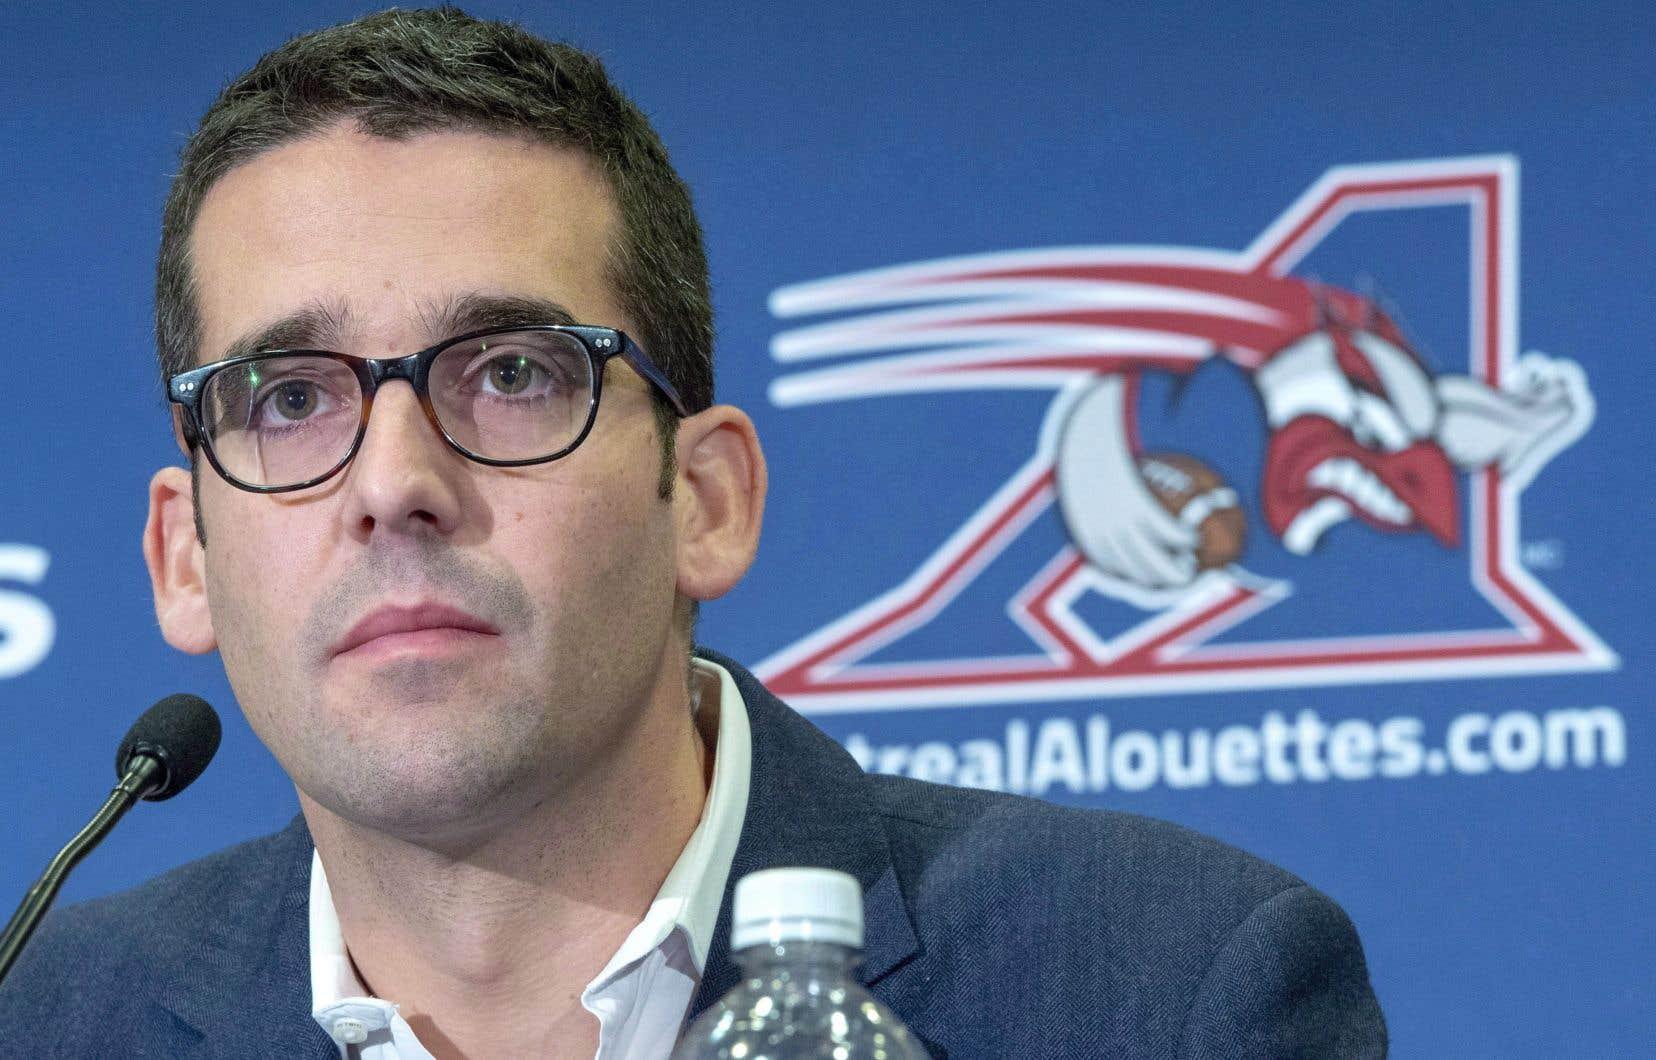 «La décision première était d'explorer notre identité, de trouver quel était l'ADN des Alouettes», a expliqué le président du club, Patrick Boivin.